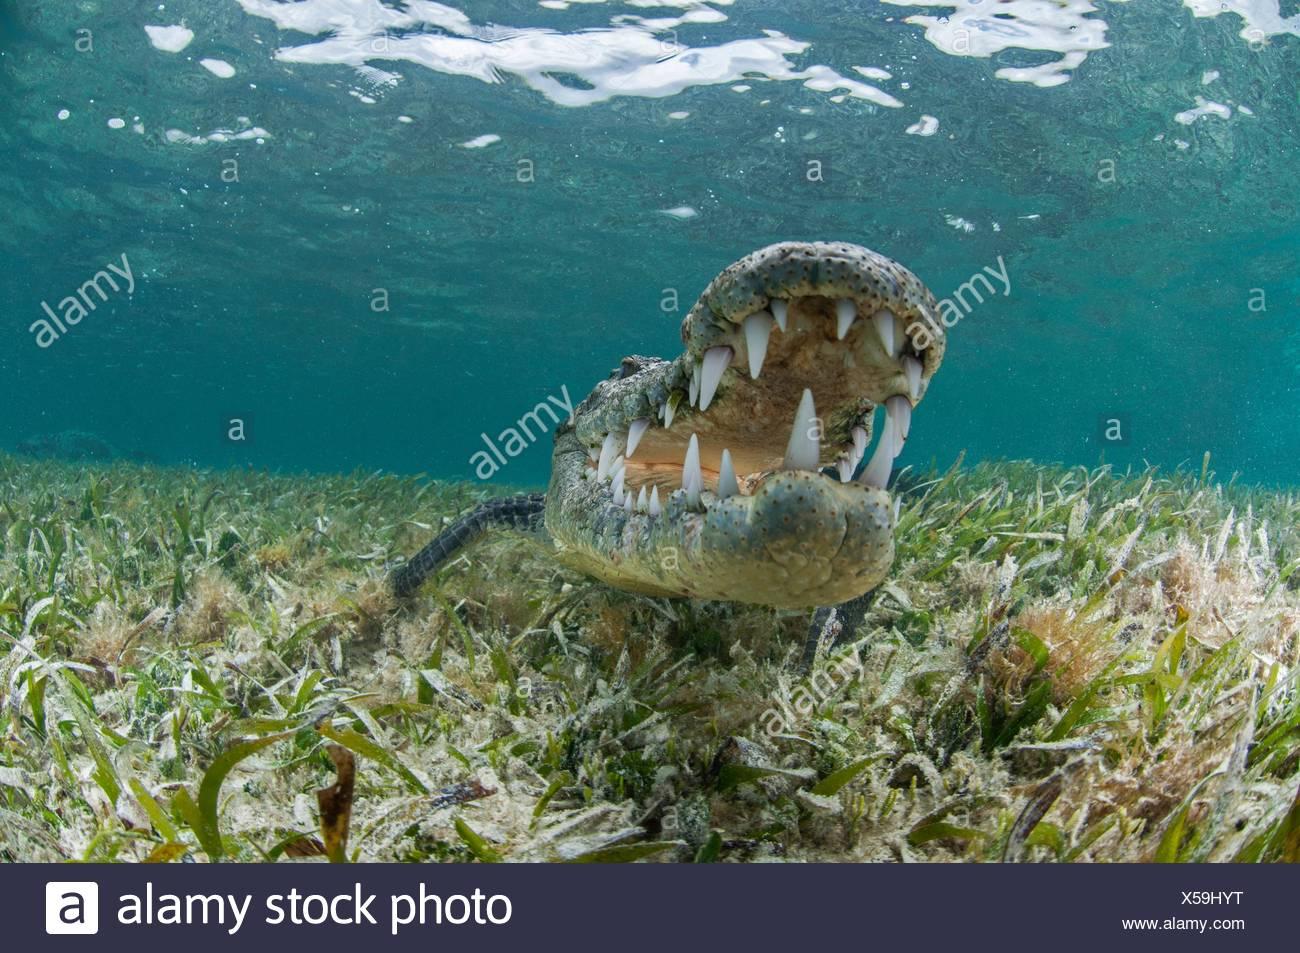 Vue avant du sous-marin crocodile sur les herbiers, bouche ouverte montrant les dents, l'Atoll de Chinchorro, Quintana Roo, Mexique Photo Stock